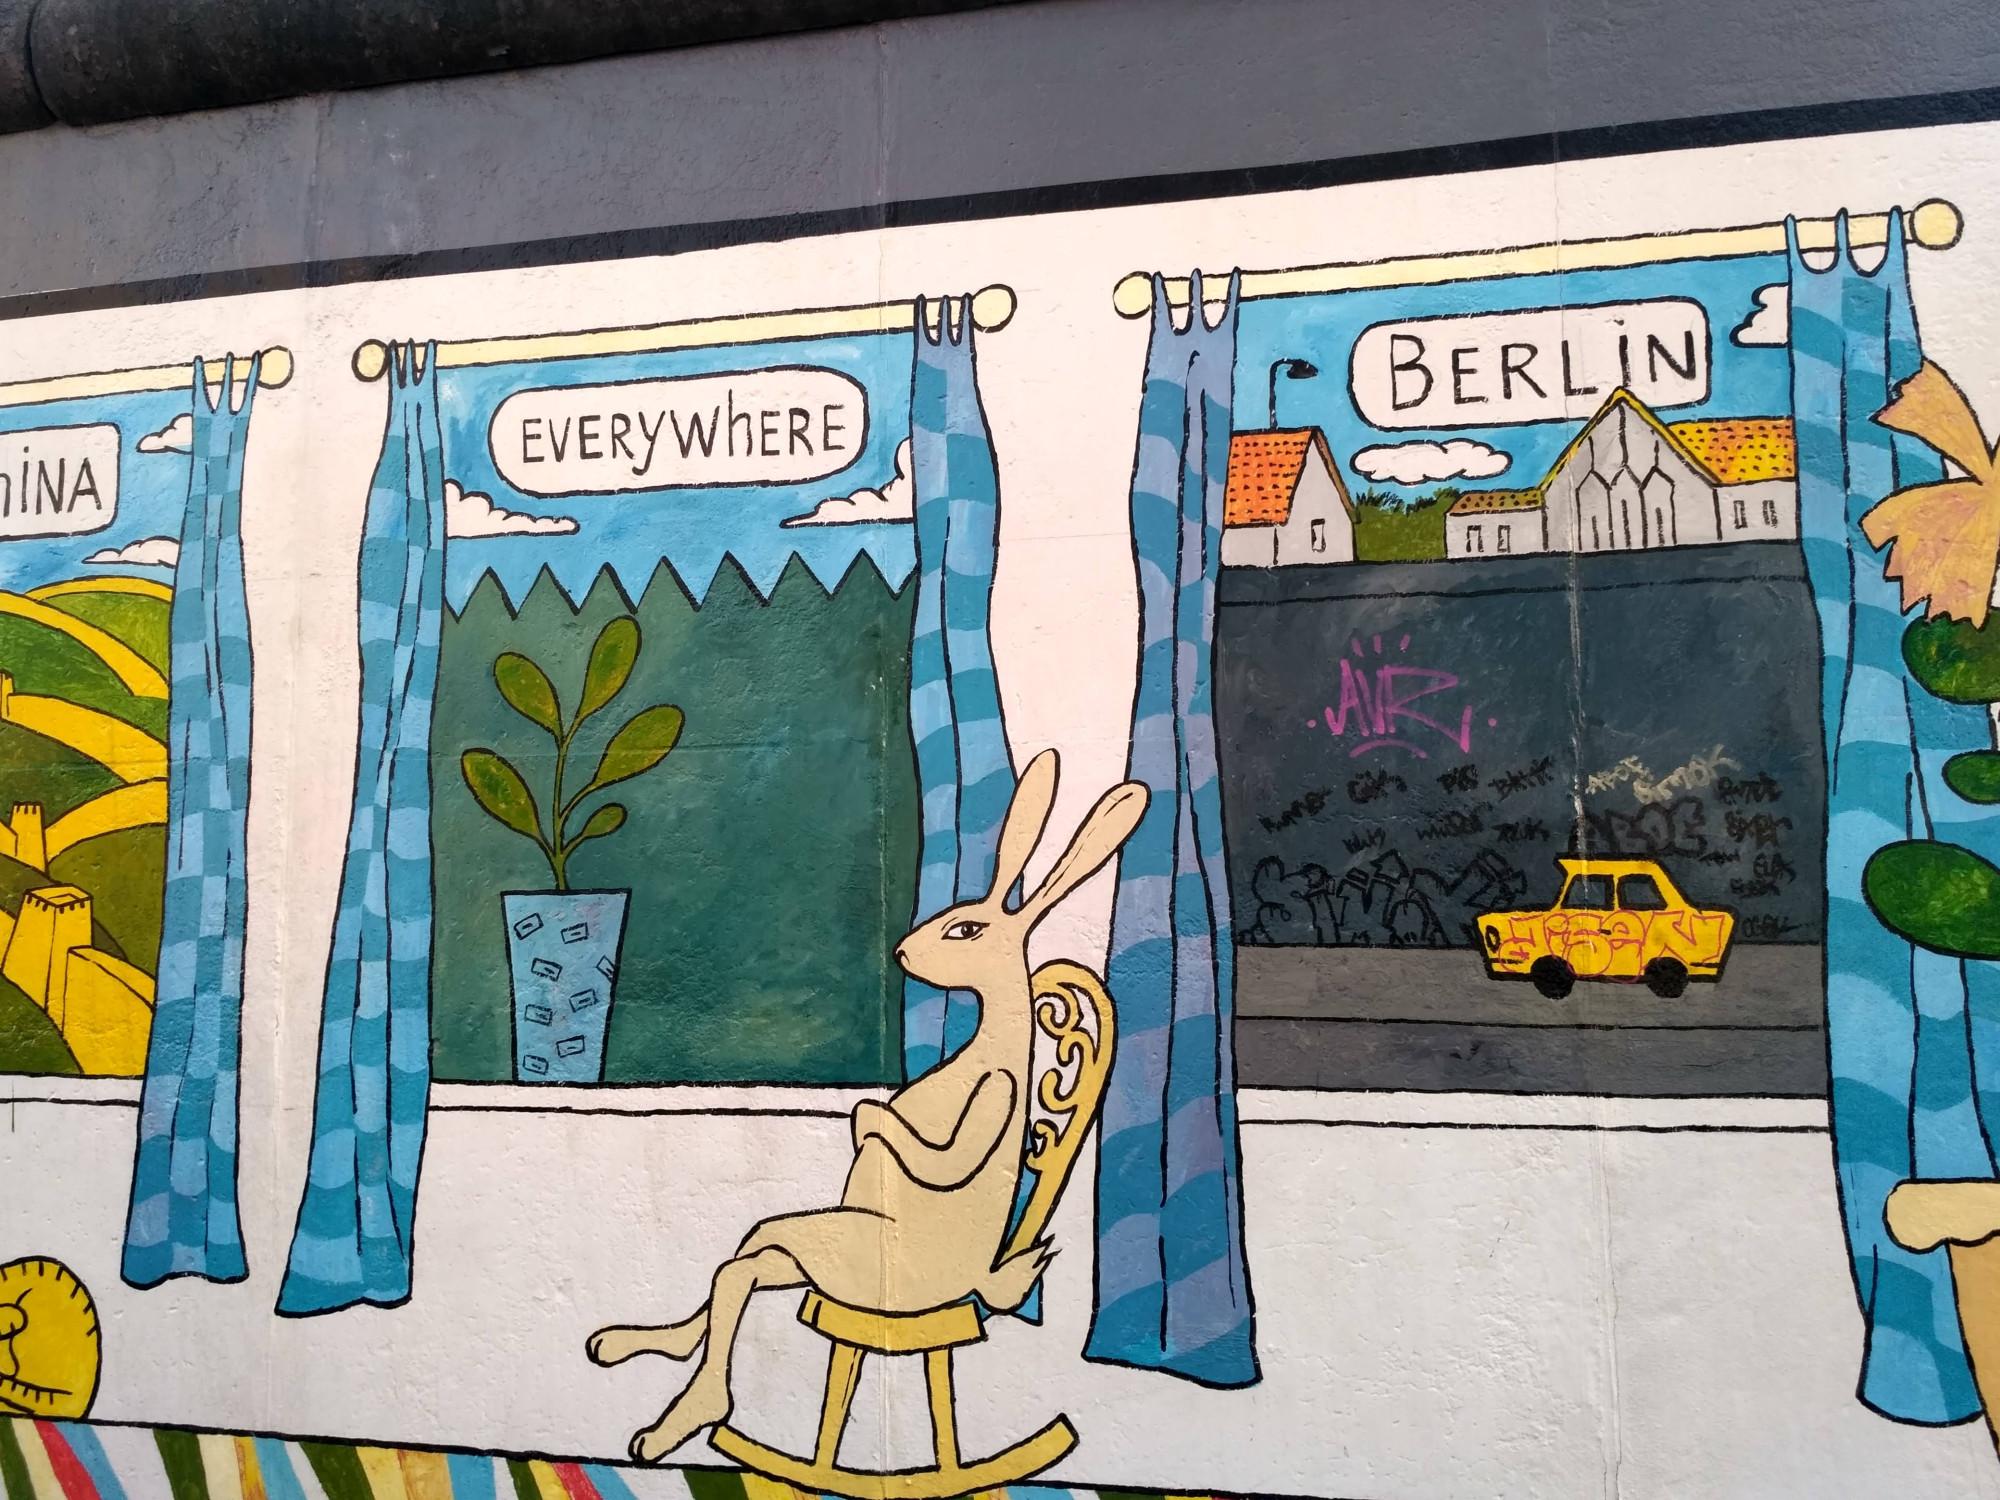 Одна из работ Берлинской стены. Вид из окна